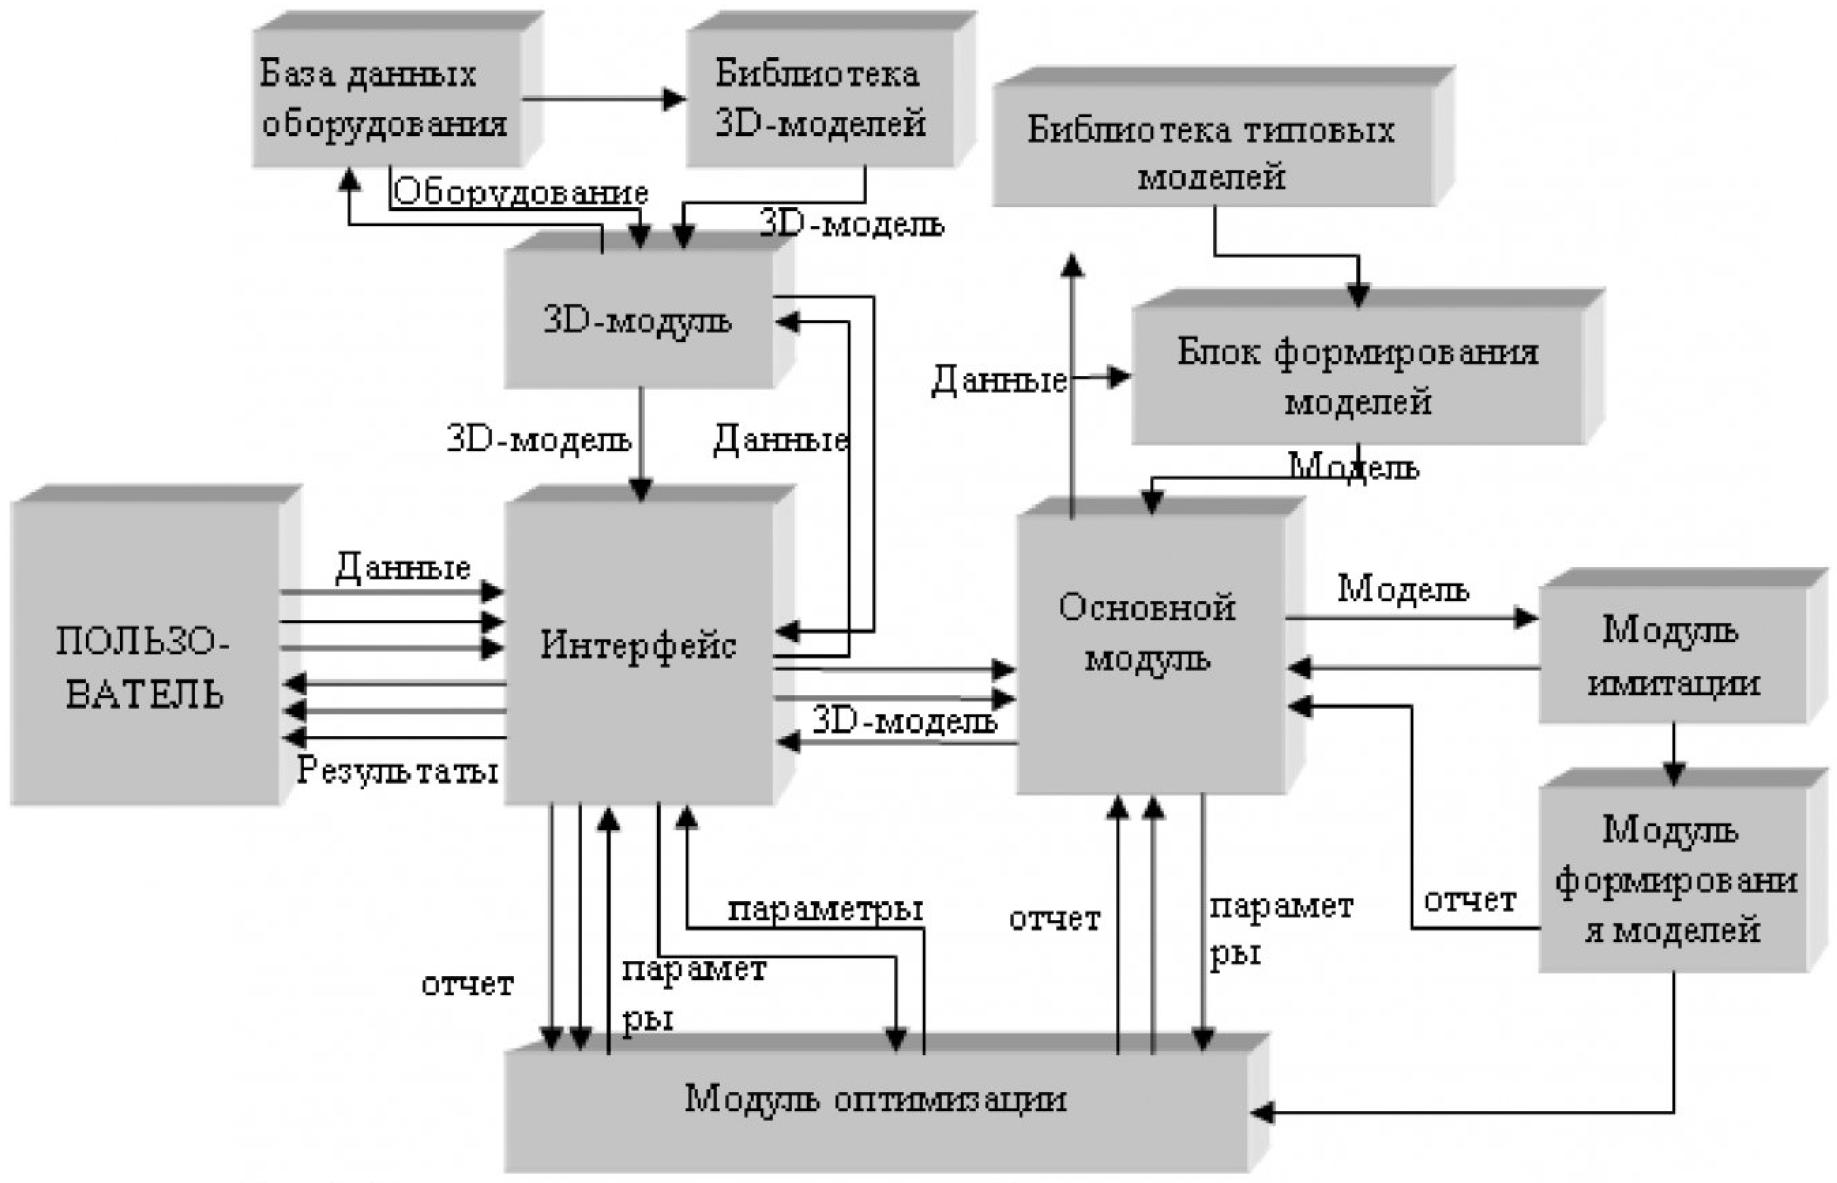 Рисунок 2 – Структурная схема комплекса проблемно-ориентированных программ